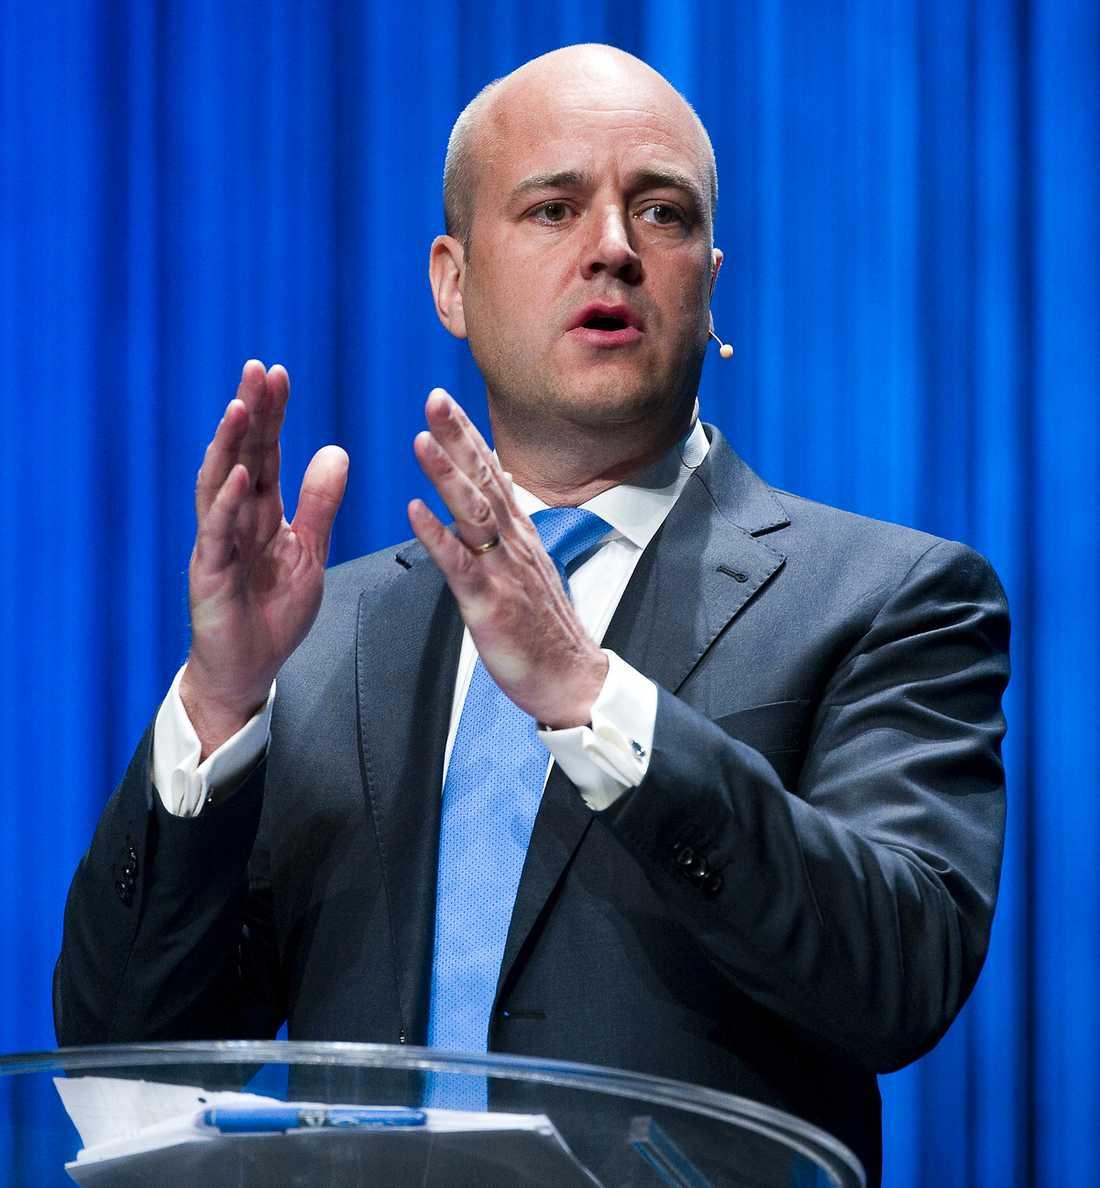 MANAR TILL SAMLING I DAG Statsminister Fredrik Reinfeldt uppmanar oss att samlas för att tillsammans visa vårt stöd för de baltiska staternas självständighet.